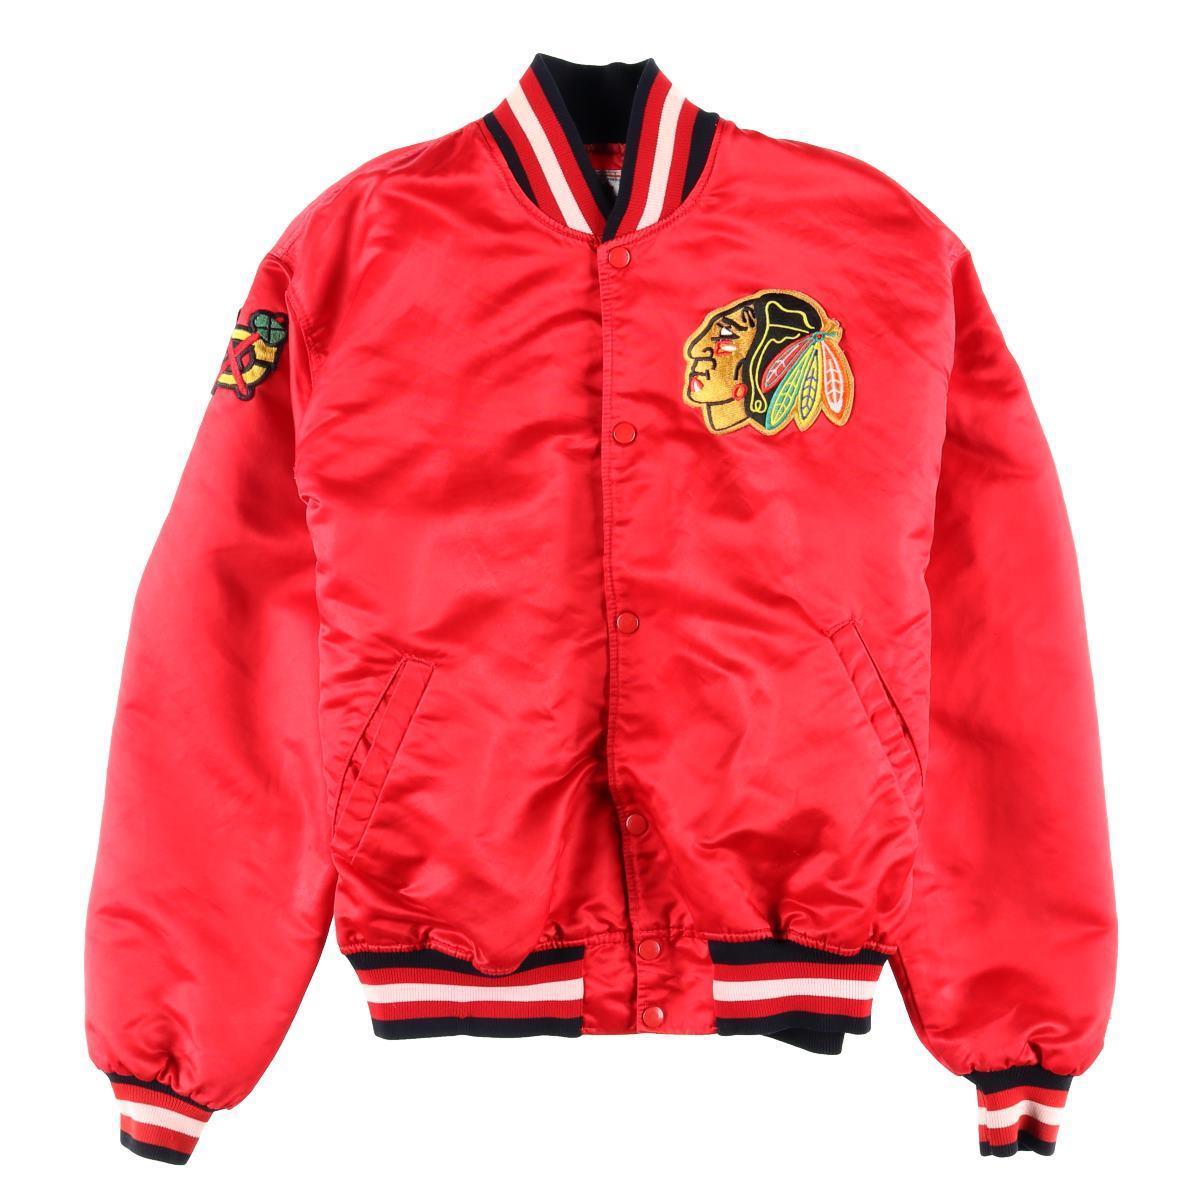 90年代 スターター Starter NHL CHICAGO BLACKHAWKS シカゴブラックホークス ナイロンスタジャン アワードジャケット USA製 メンズXL /wbf3290 【中古】 【190609】【VTG】